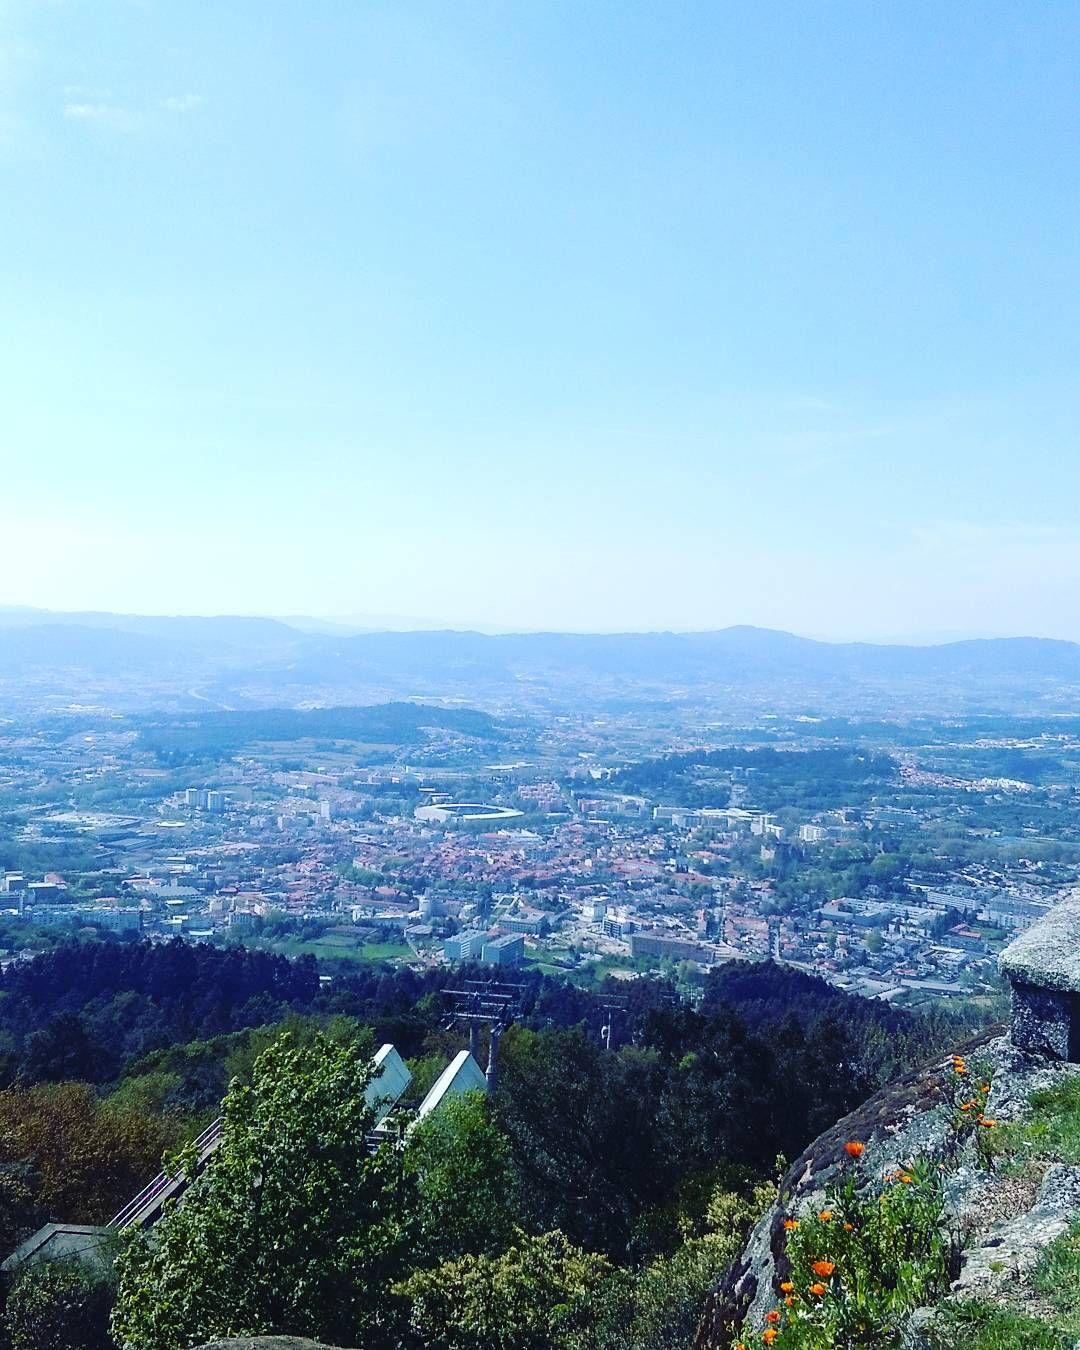 A cidade e a serra  #guimaraes #penha #fotografia  #nature_captures #nature #lovely  #faded_portugal #photolovers #skylovers #landscape #joy #hapiness by cristinapinheiro67